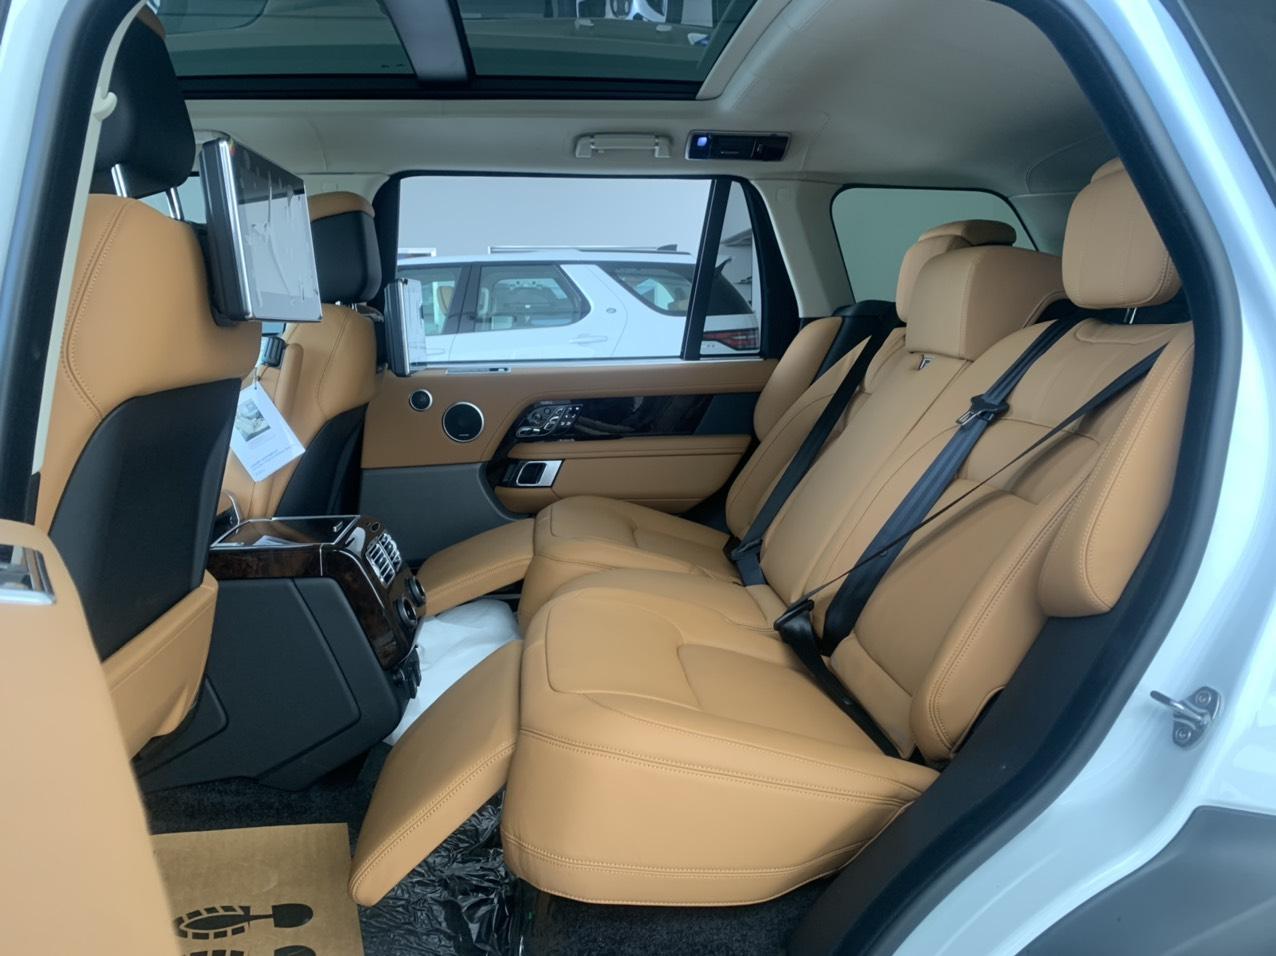 Hàng ghế sau kiểu thương gia trên range rover autobiography lwb màu da bò nâu 2020